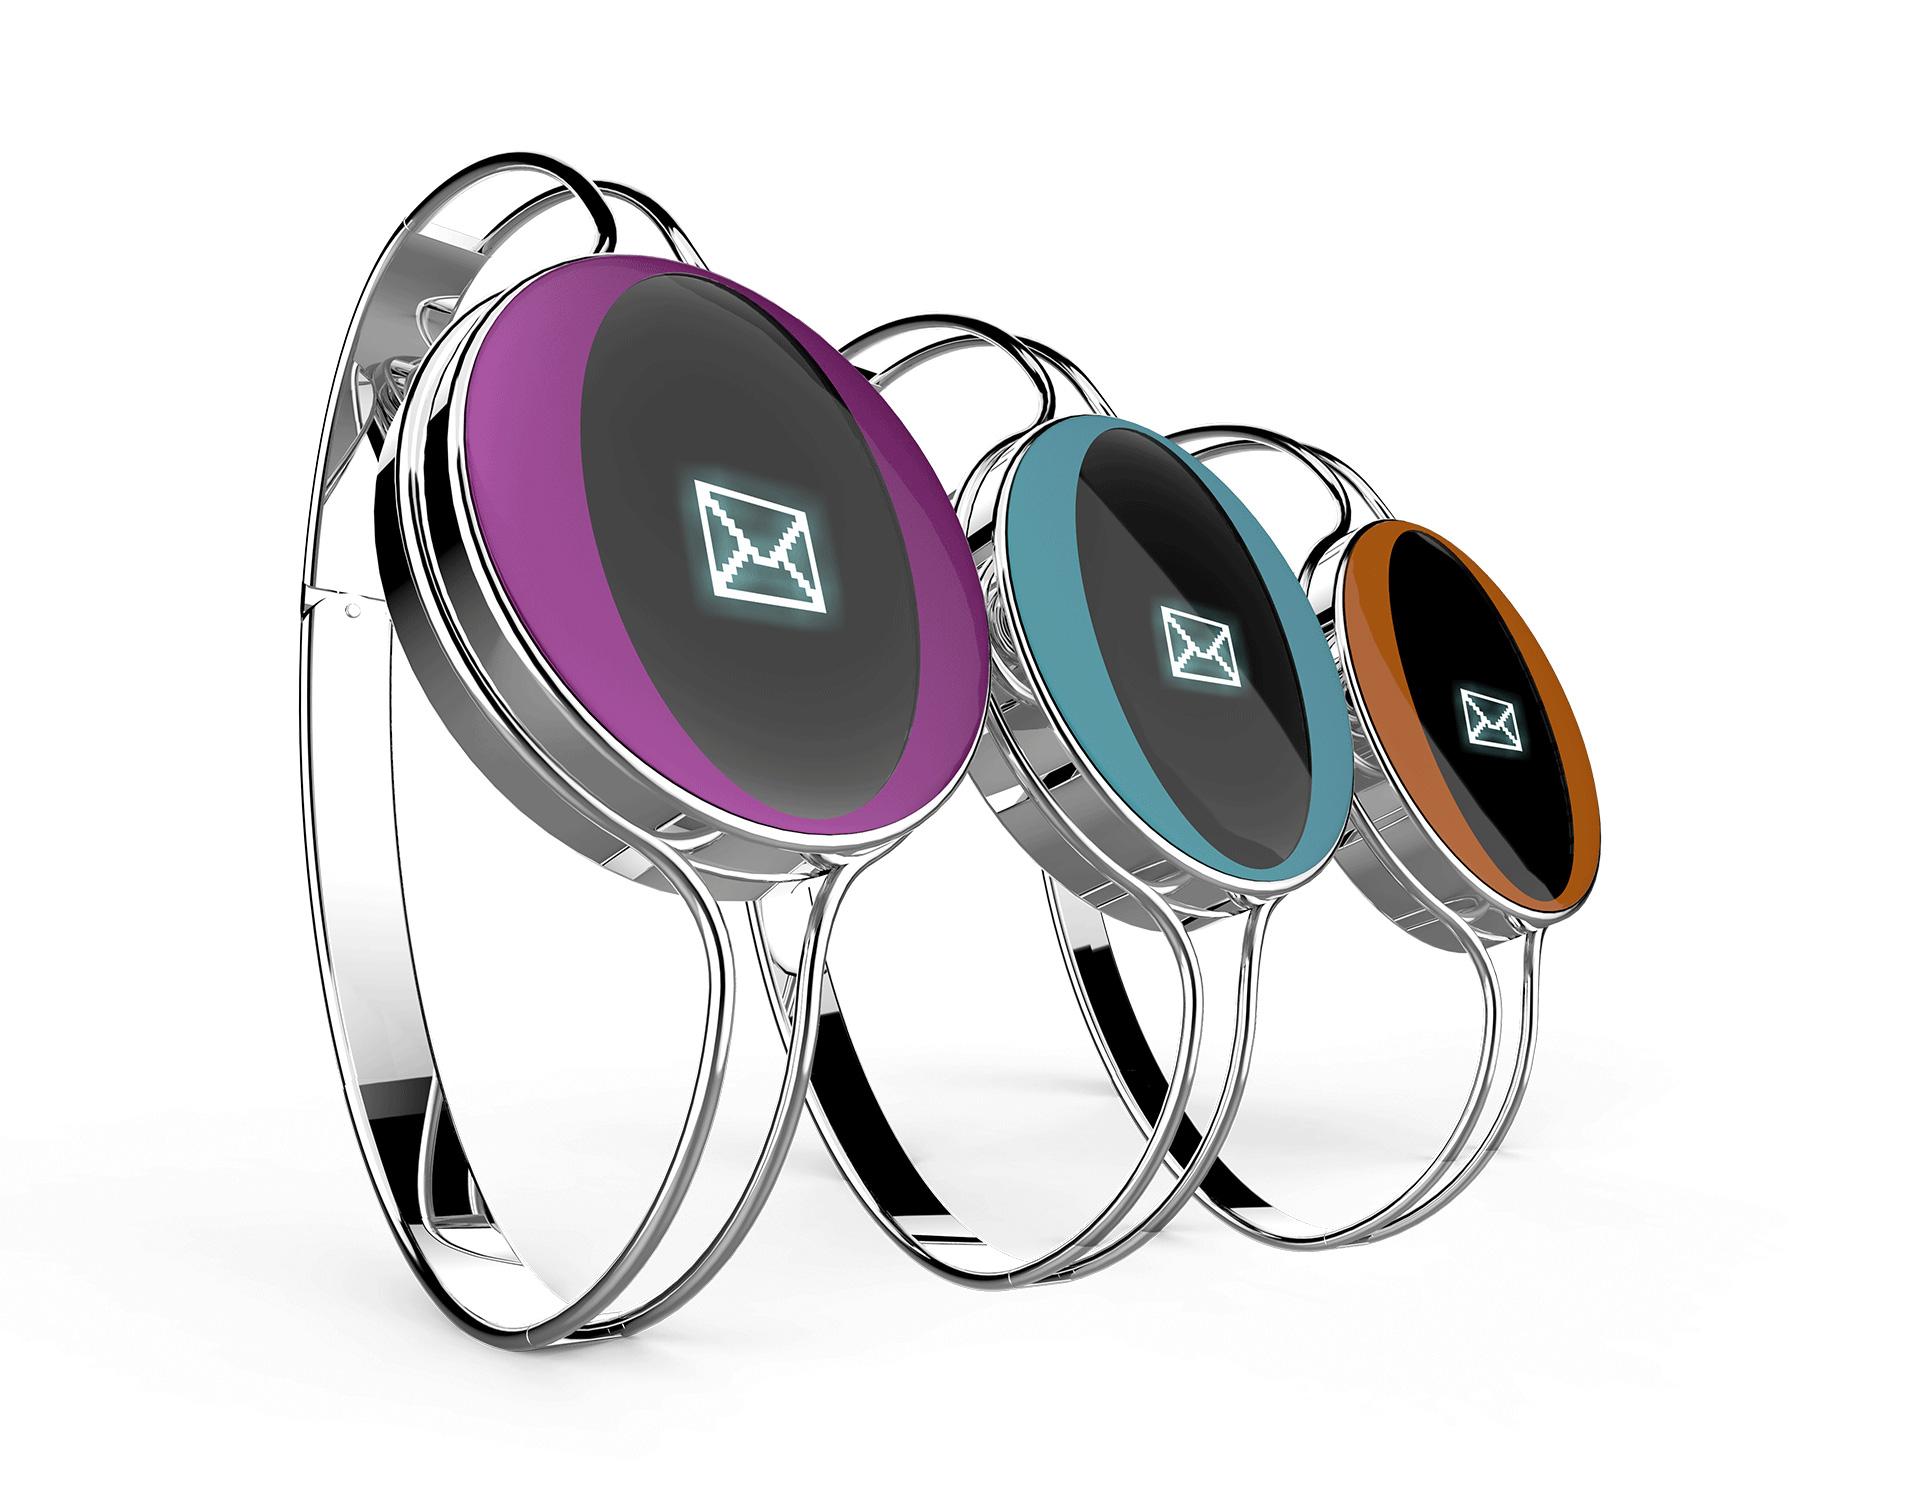 jewels-bracelet-metal-digital--display-